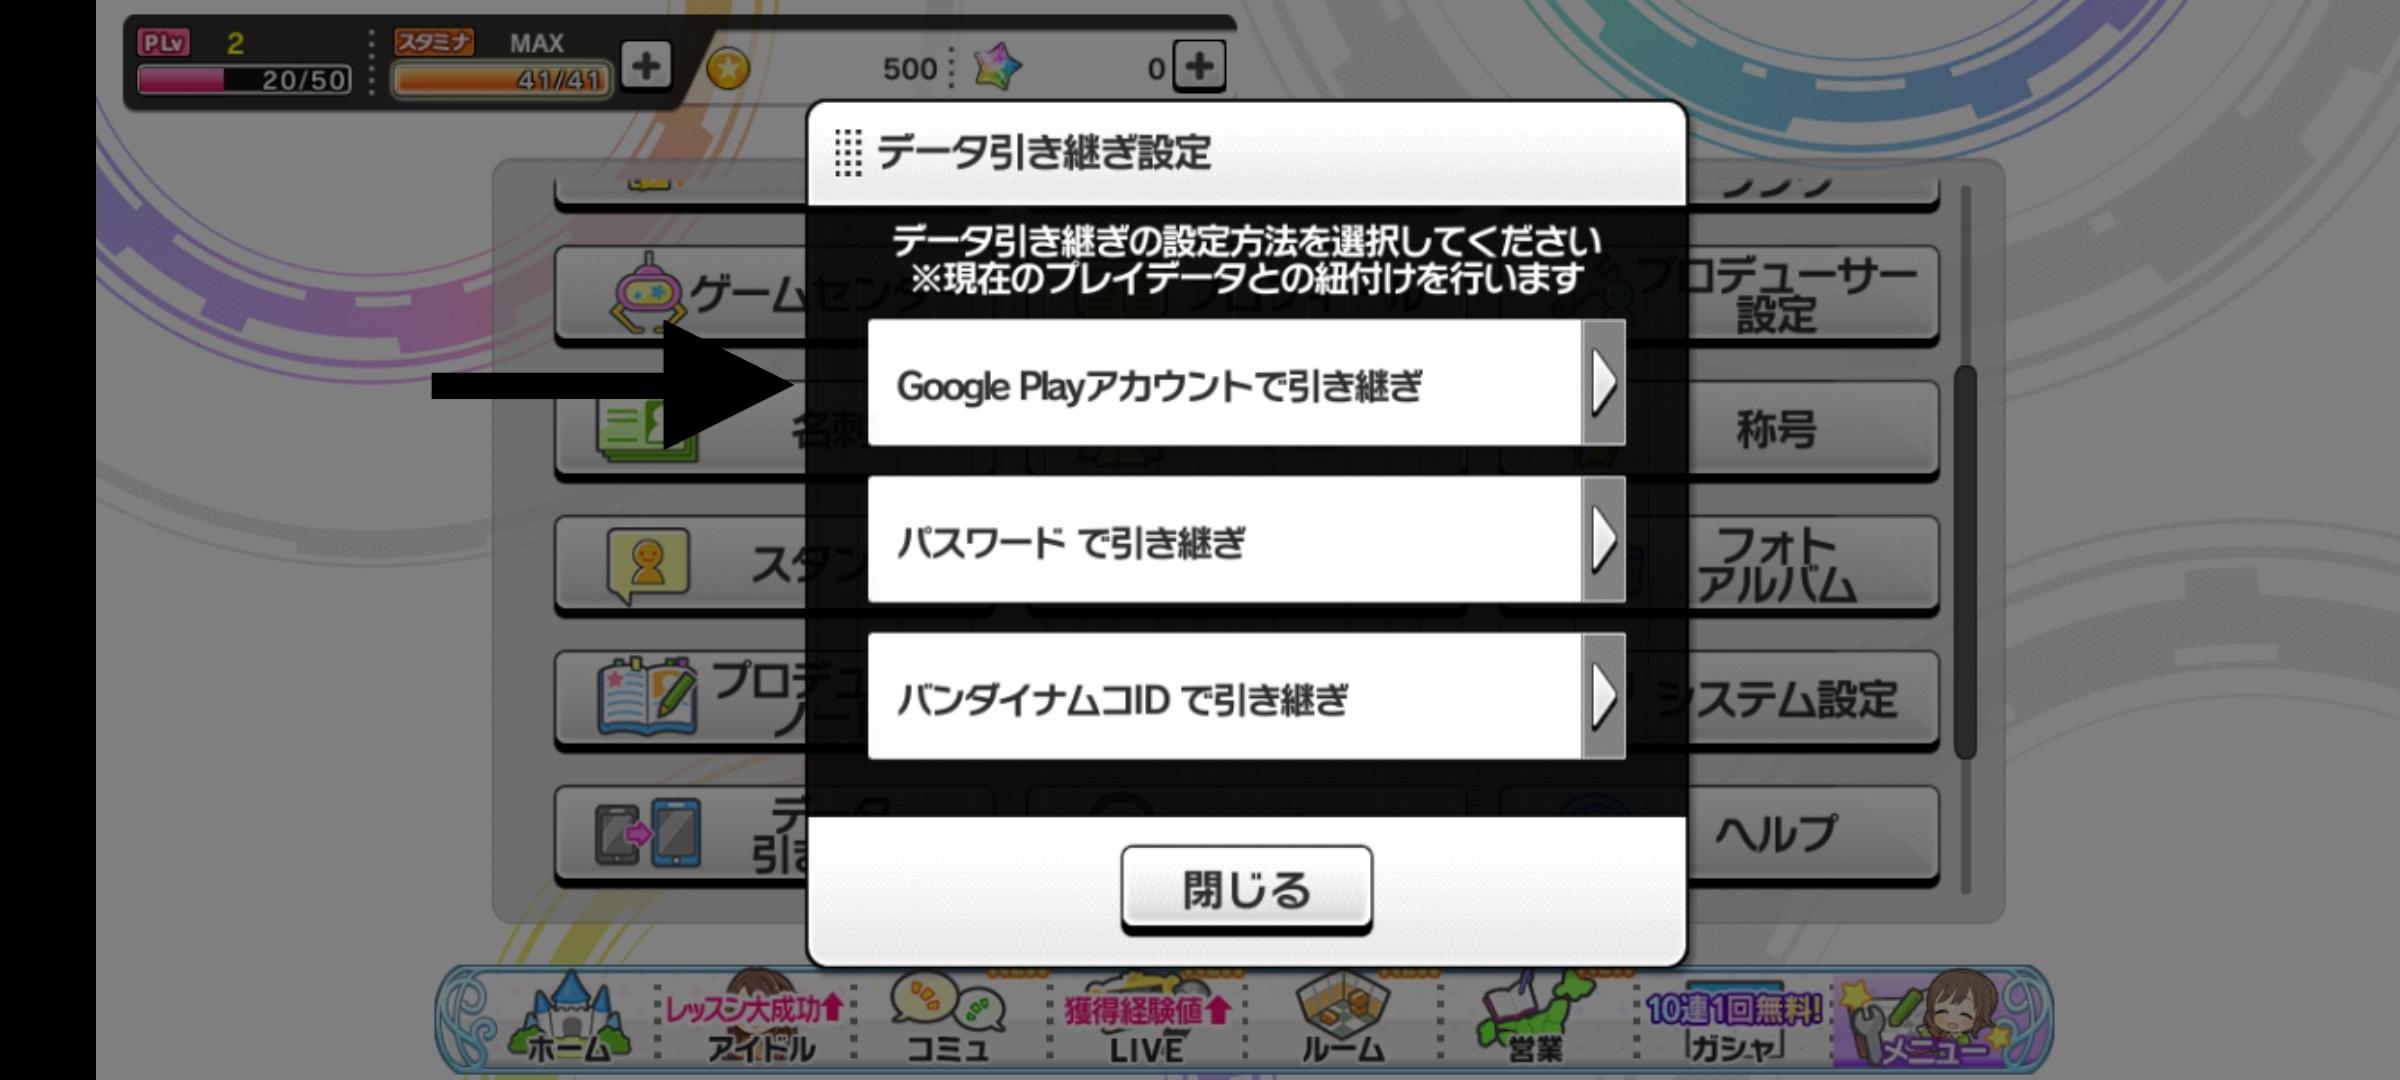 4. Game CenterおよびGoogle Playアカウントを利用したデータ引き継ぎ